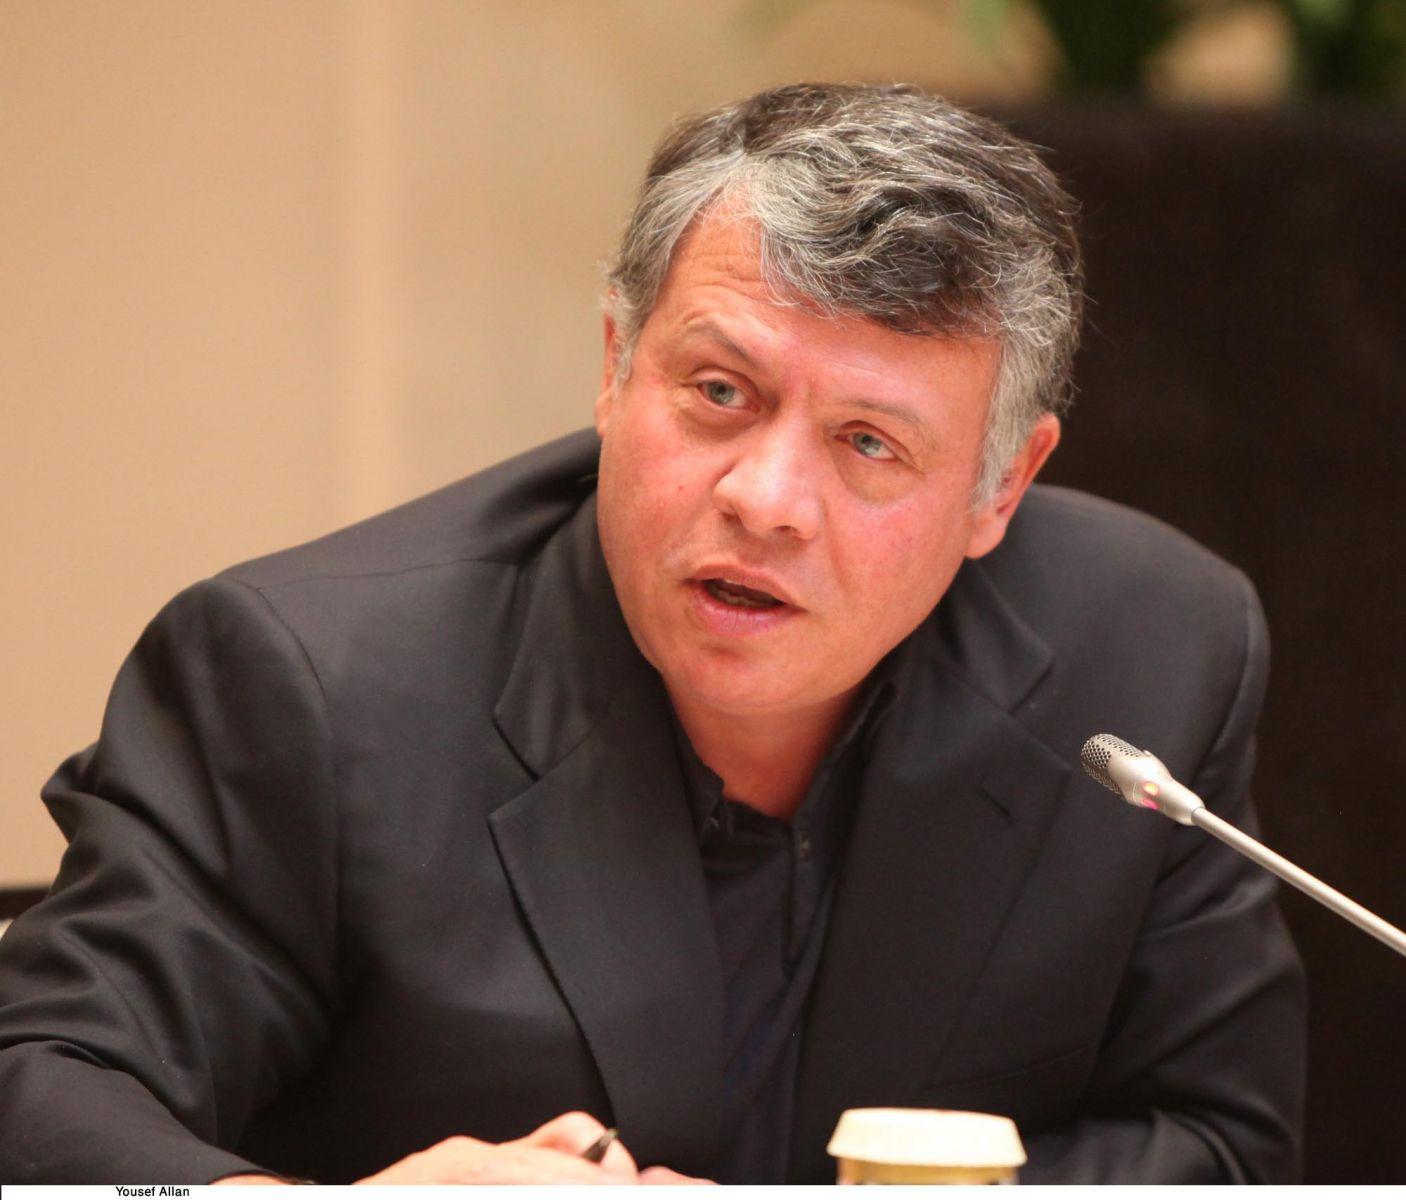 صورة ملك الأردن يطالب المجتمع الدولي بمساندة الدول المضيفة للاجئين السوريين